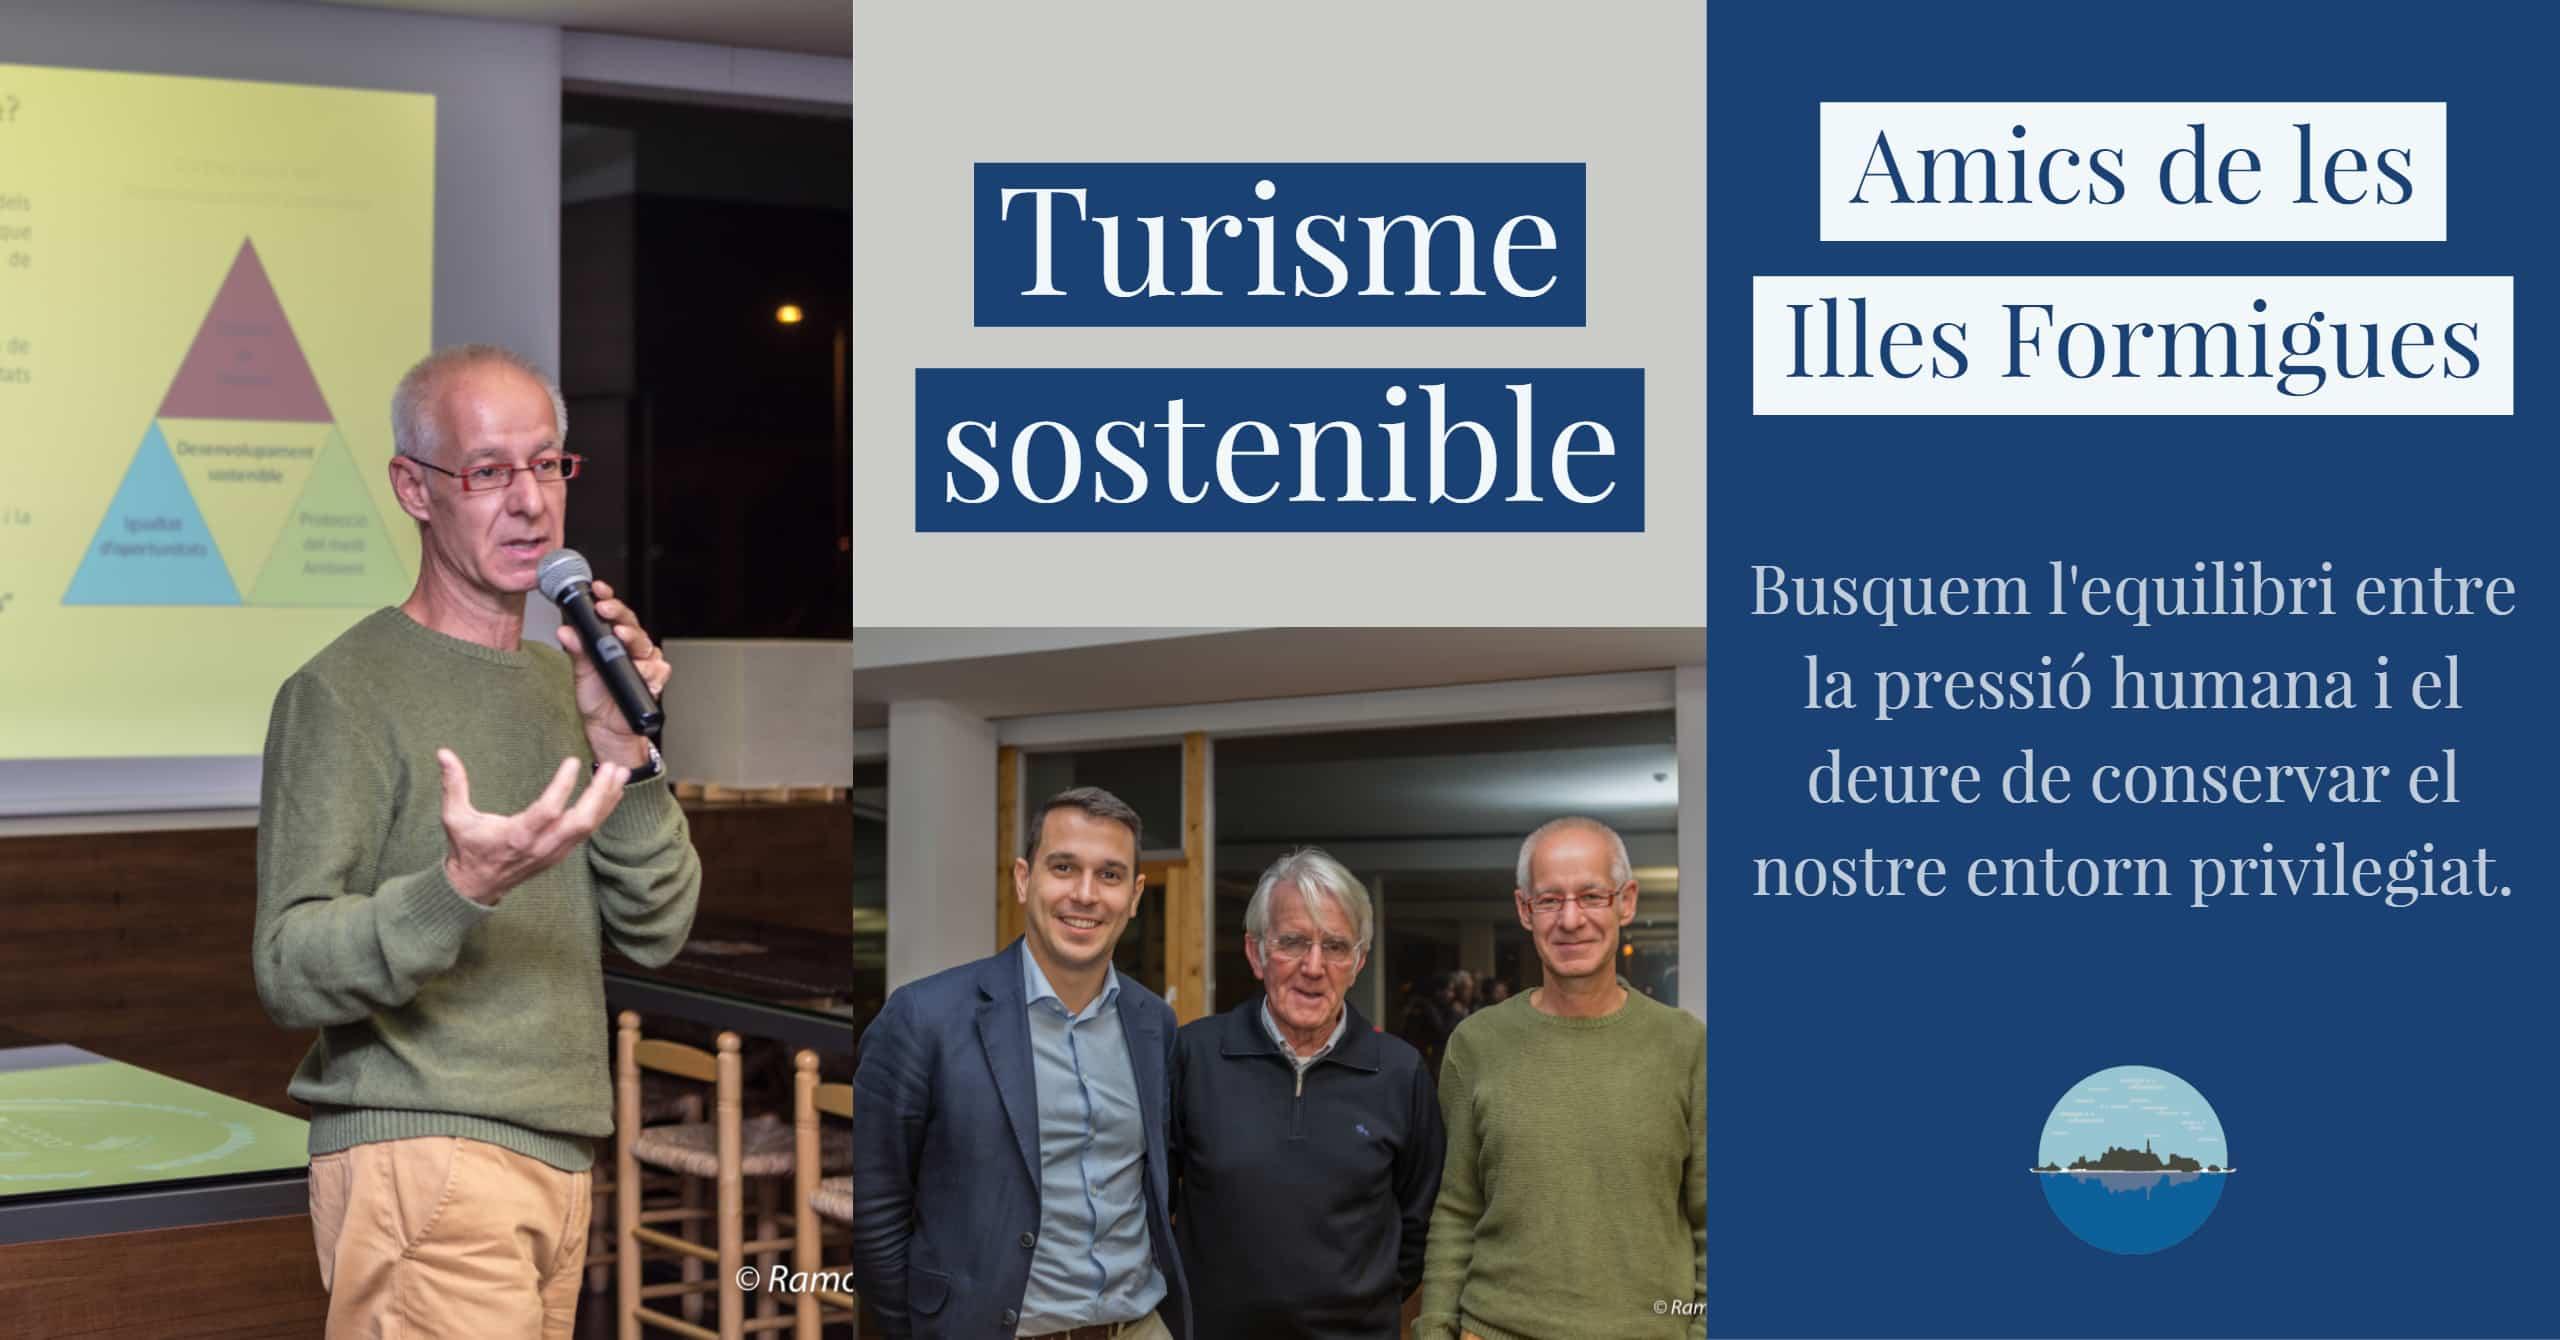 Taula rodona sobre Turisme Sostenible.